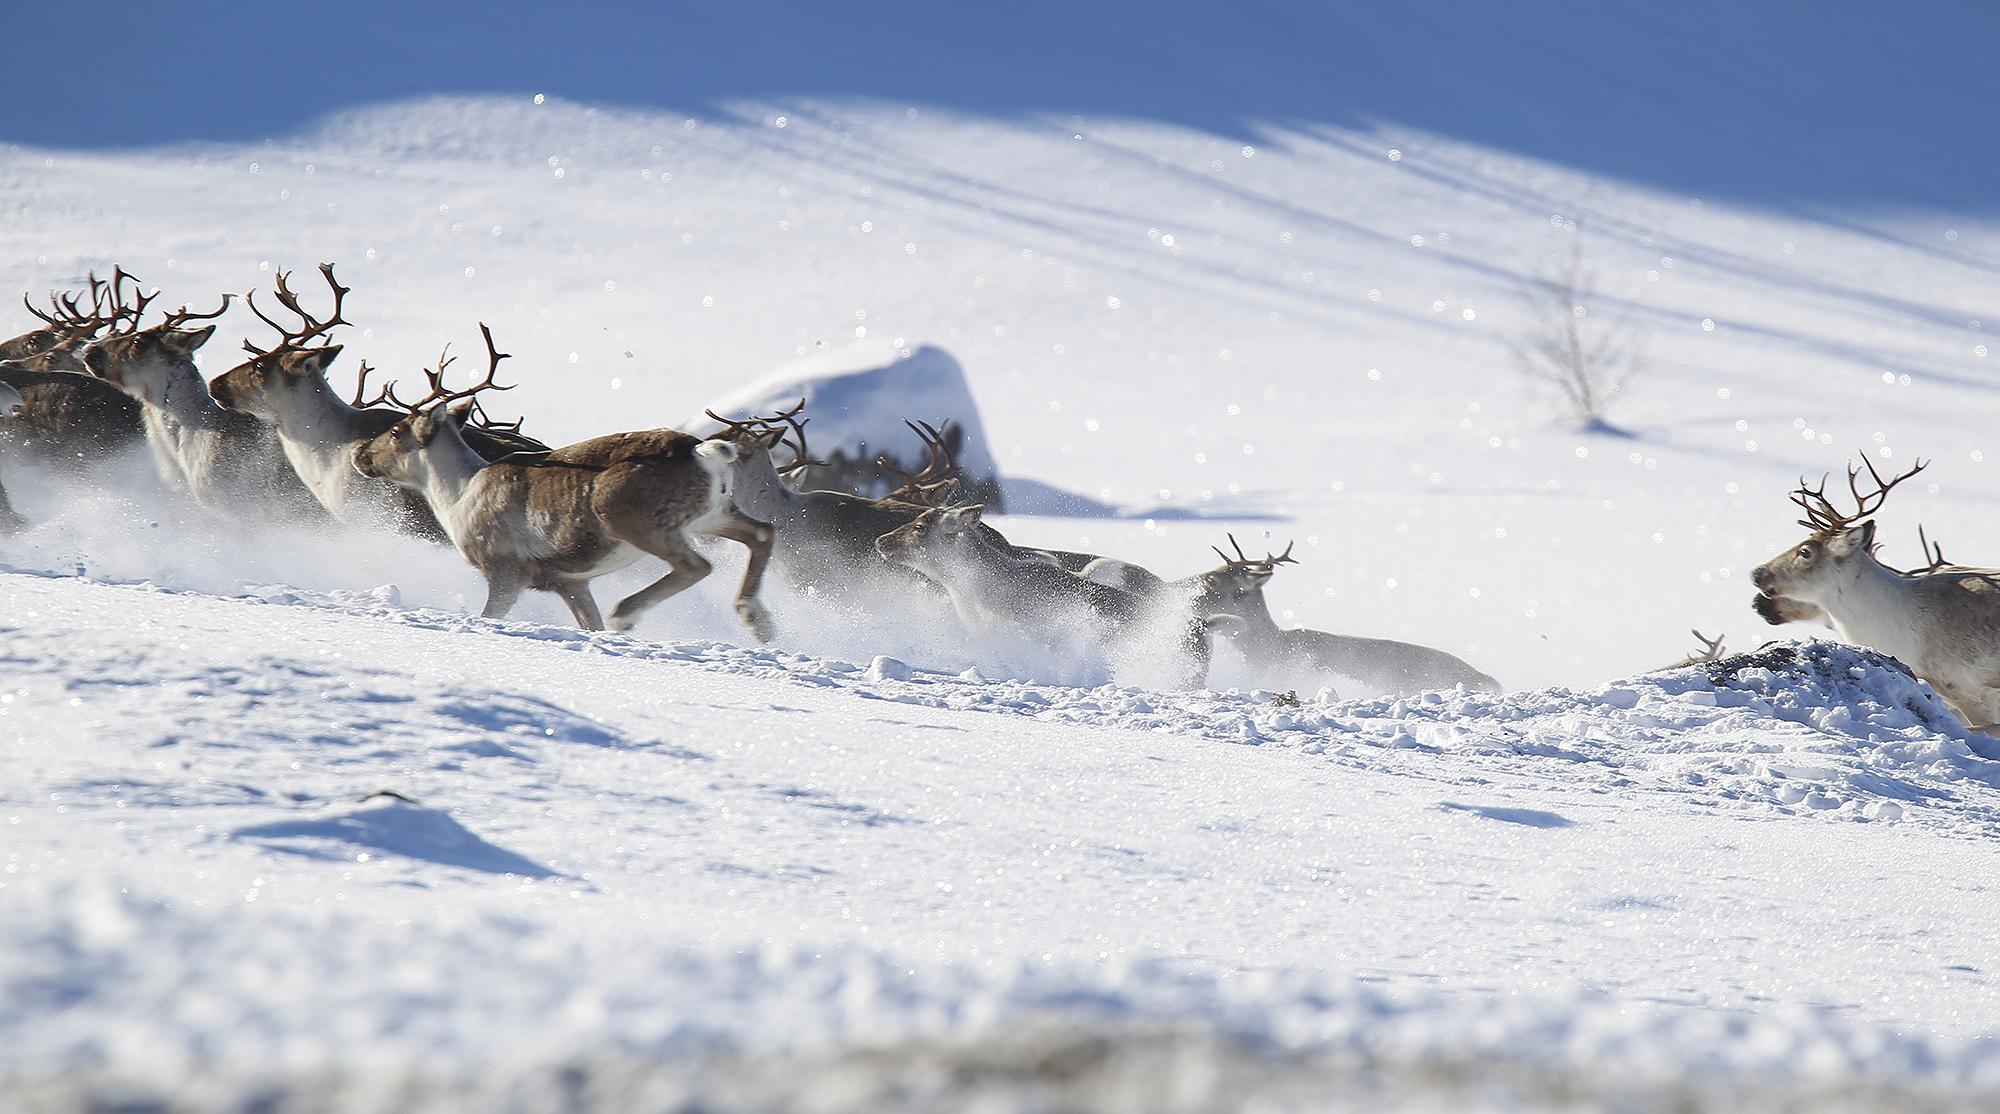 Mange er bekymret for om handlingsplanen i god nok grad tar hensyn til sårbare arter, så som villrein. Foto: Anders Mossing